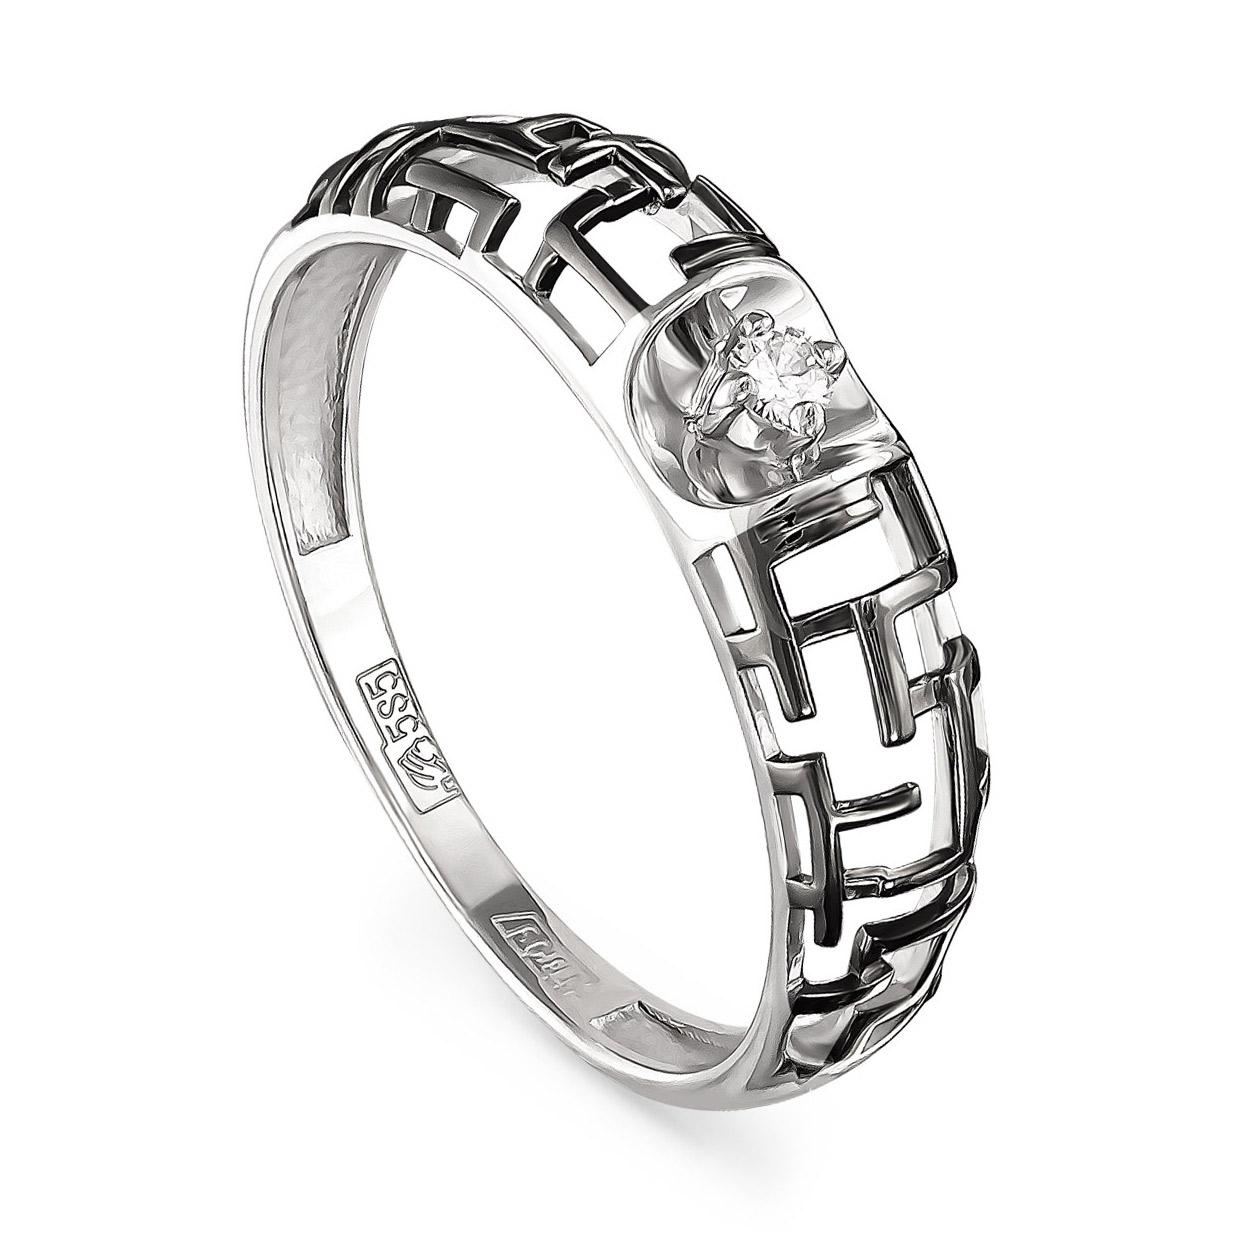 Кольцо из белого золота Бриллиант арт. 11-1933-1000 11-1933-1000